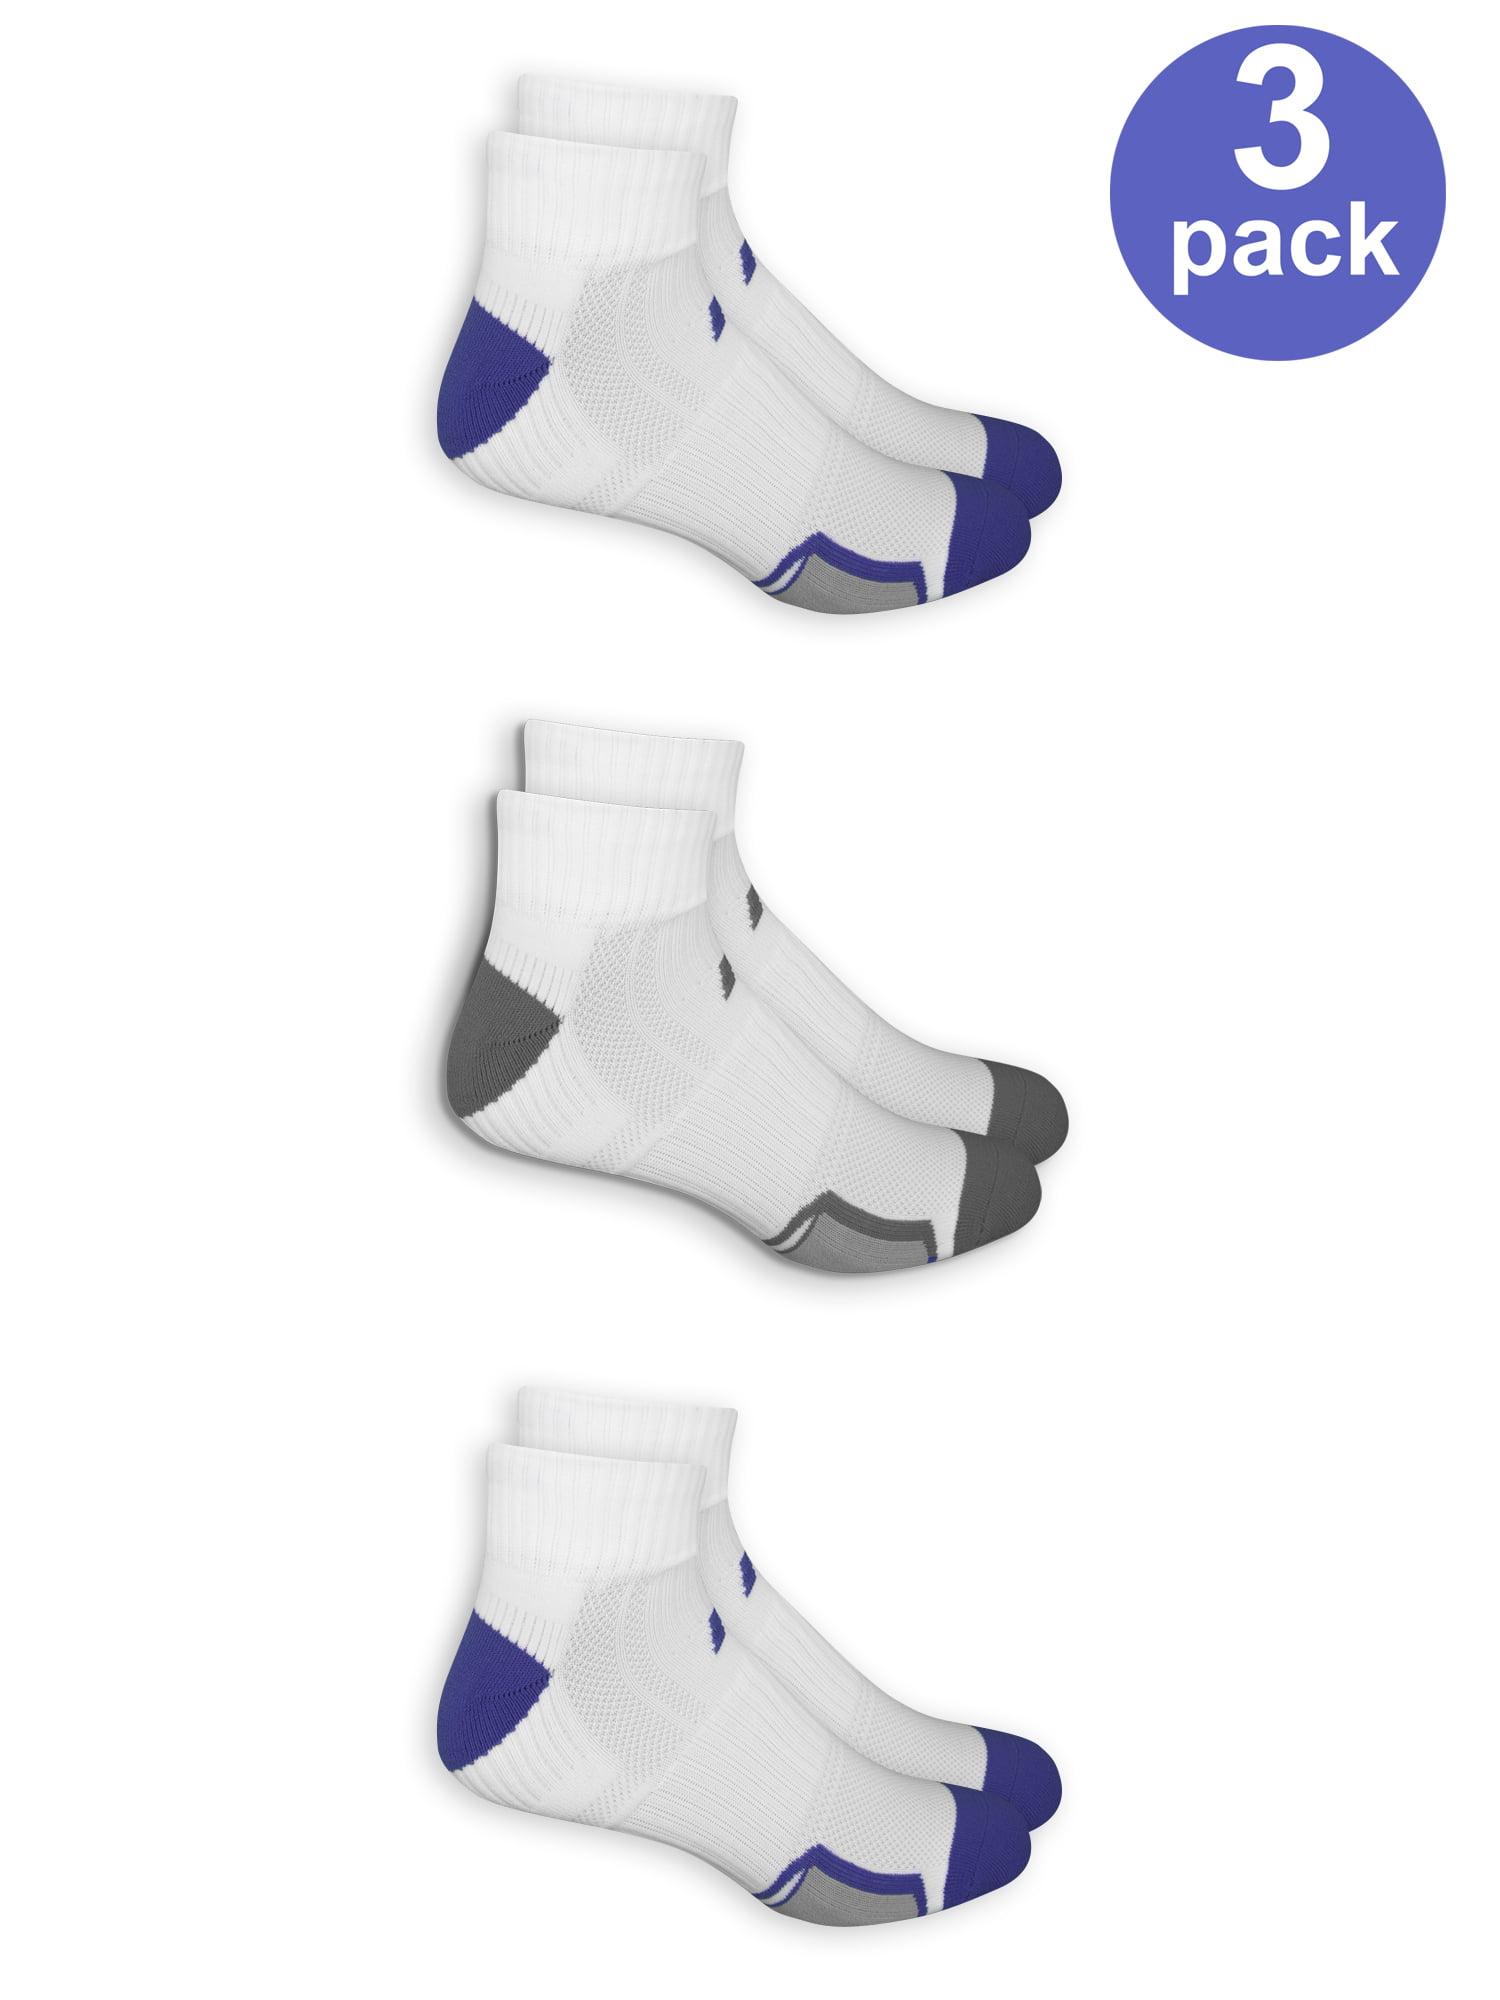 2 Pair Russell All Sports Sock Light Blue, Medium